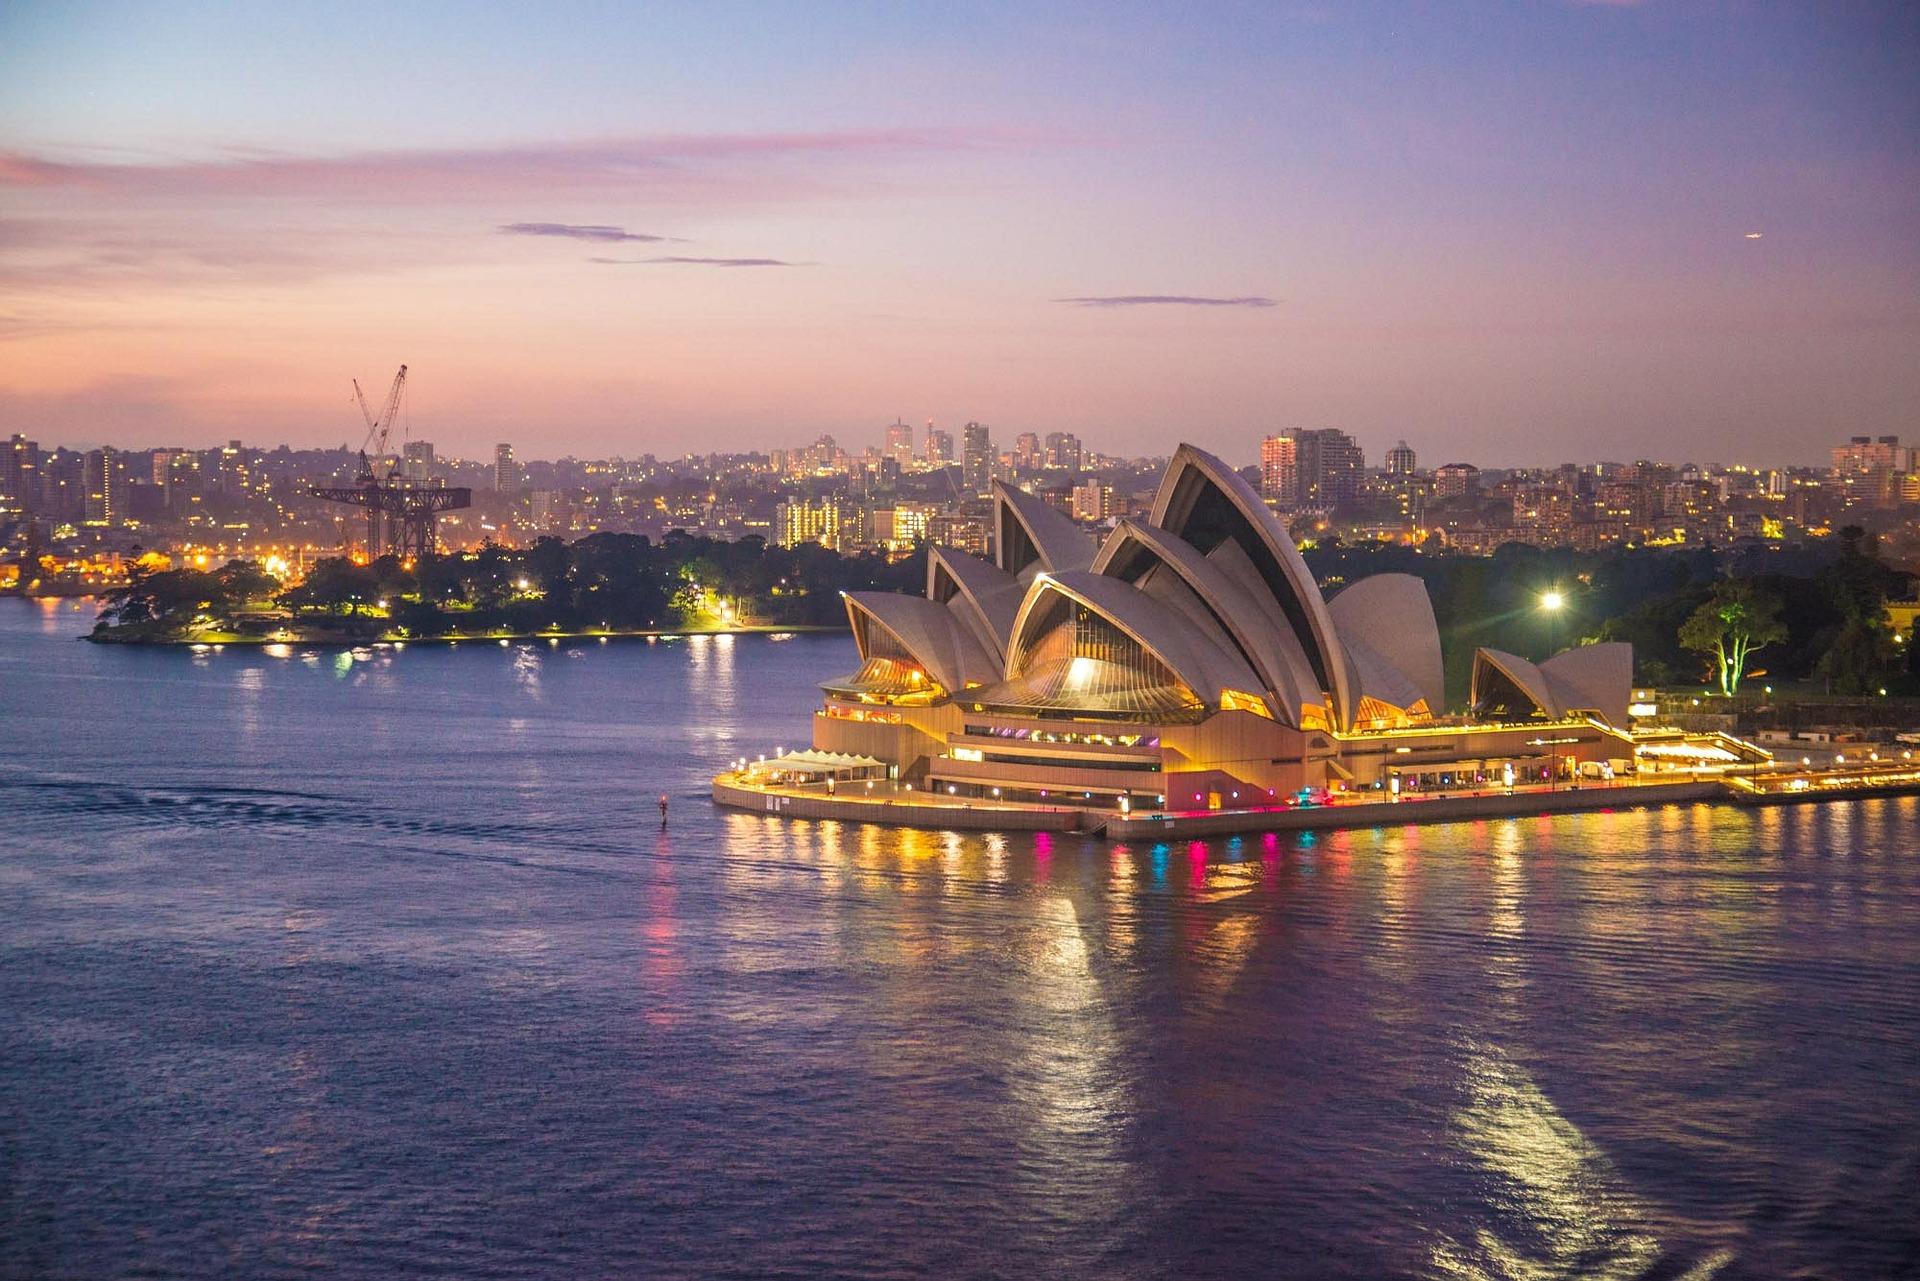 Opera, Sydney, nie bądźcie obojętni